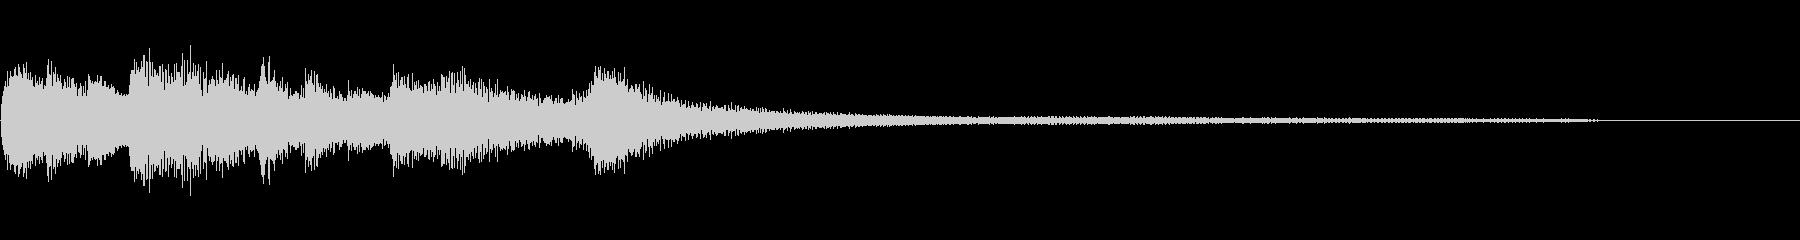 和風のジングル3a-ピアノソロの未再生の波形